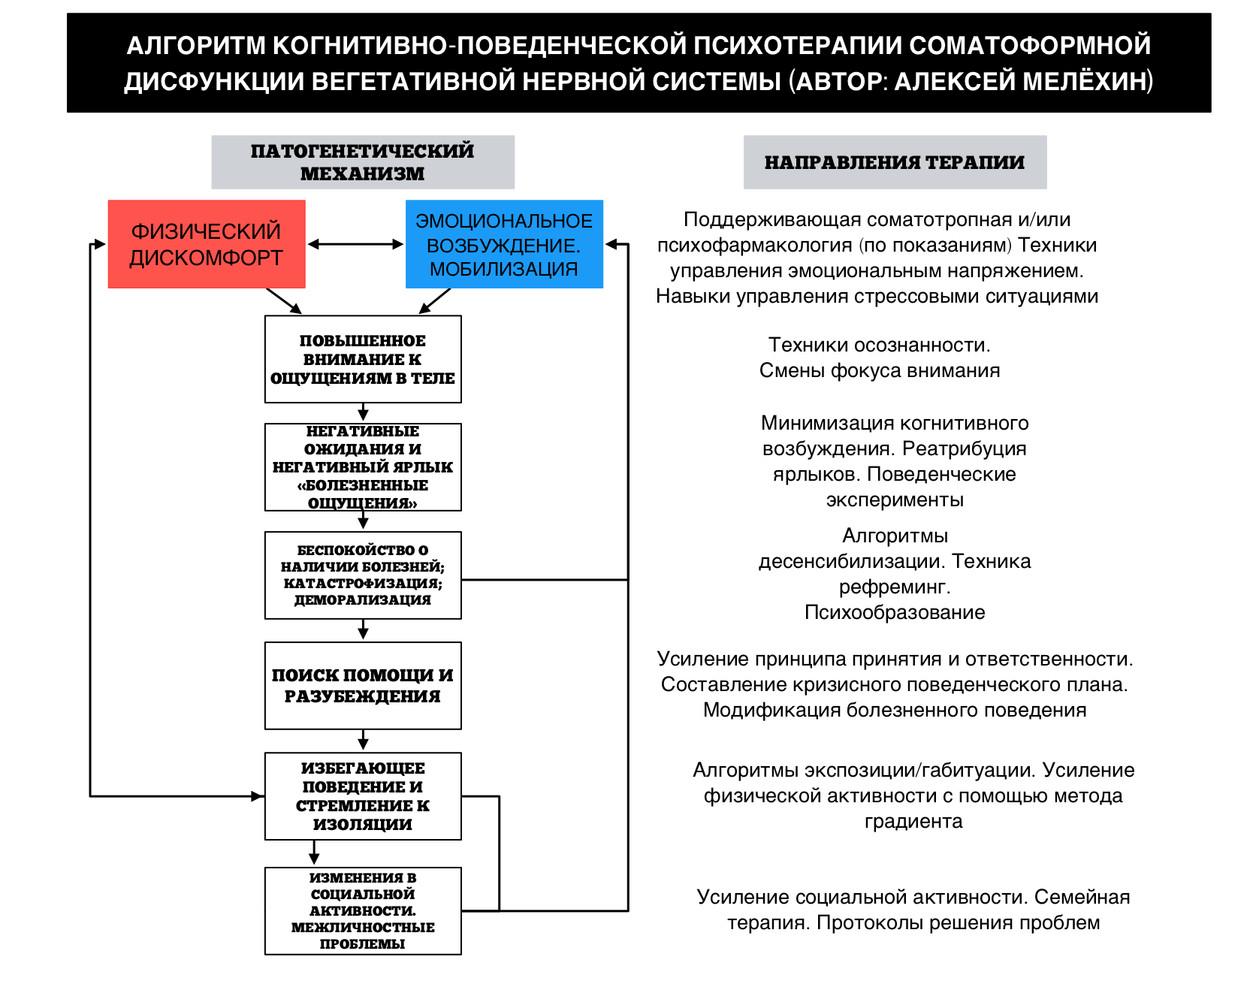 Алгоритм когнитивно-поведенческой психотерапии соматоформной дисфункции ВНС (А.И. Мелёхин)